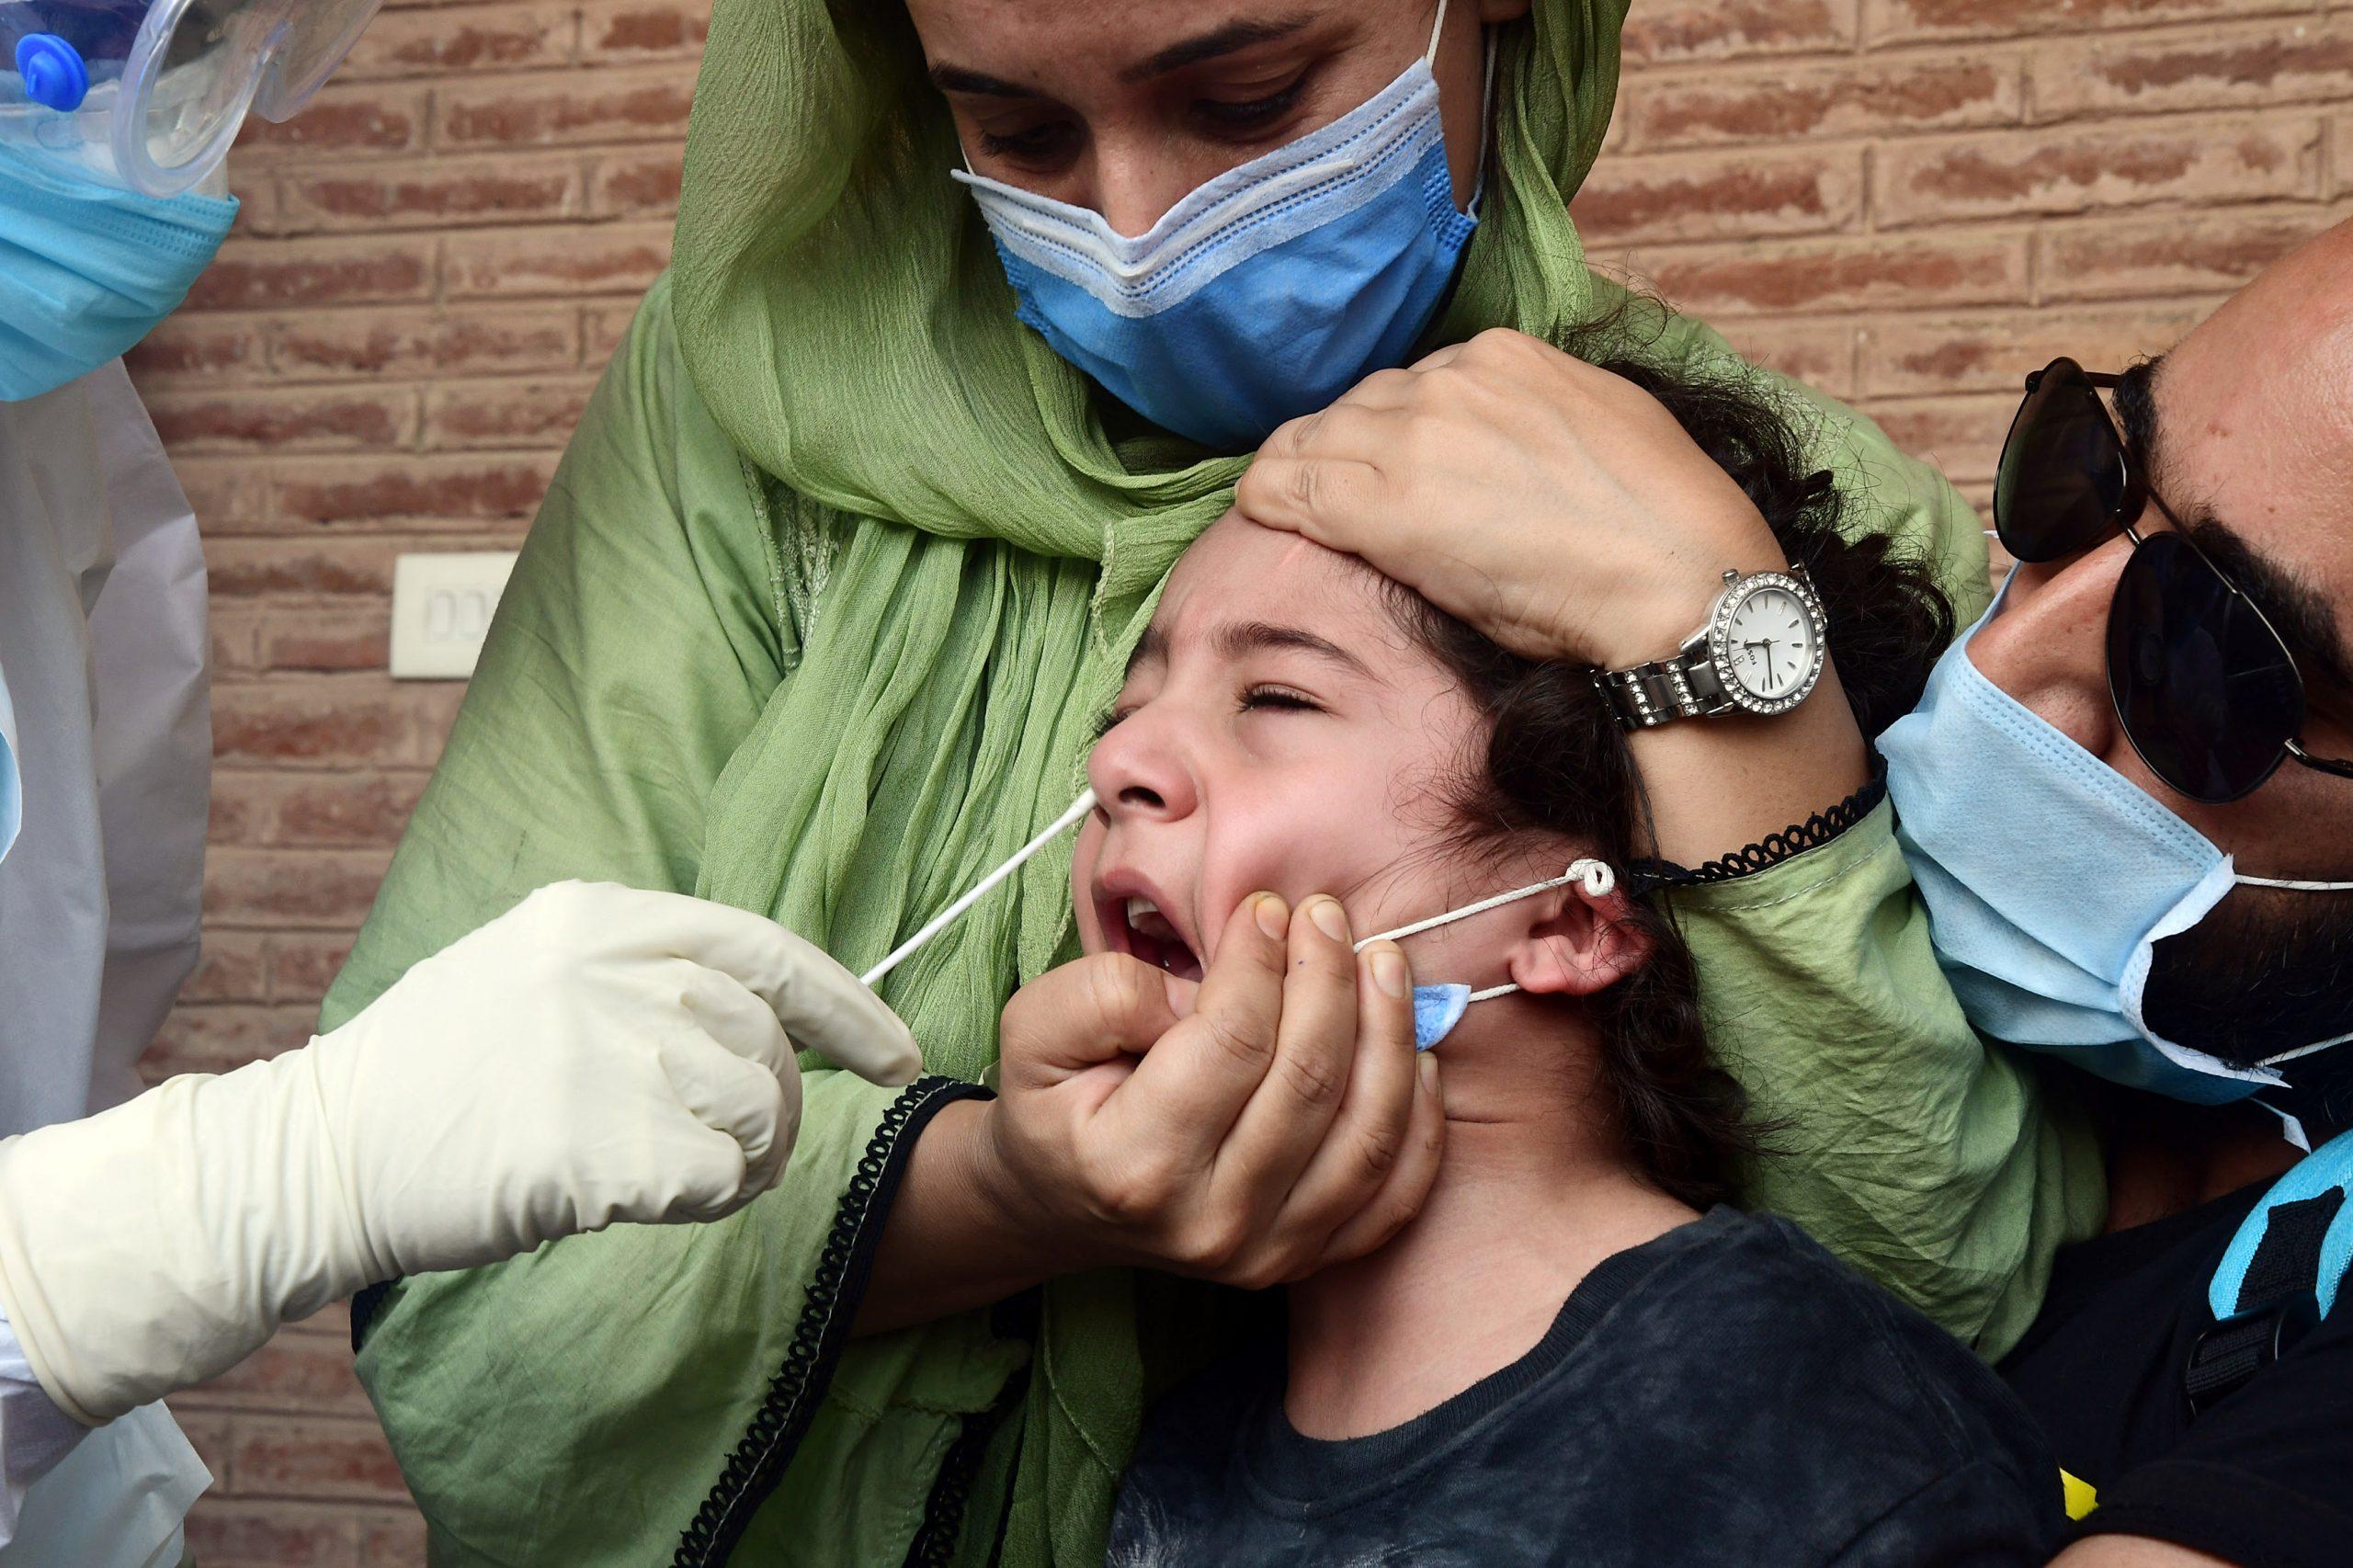 pakistan-–-niente-vaccino,-niente-telefono-il-governo-del-punjab-pronto-a-disattivare-le-sim-dei-non-vaccinati.